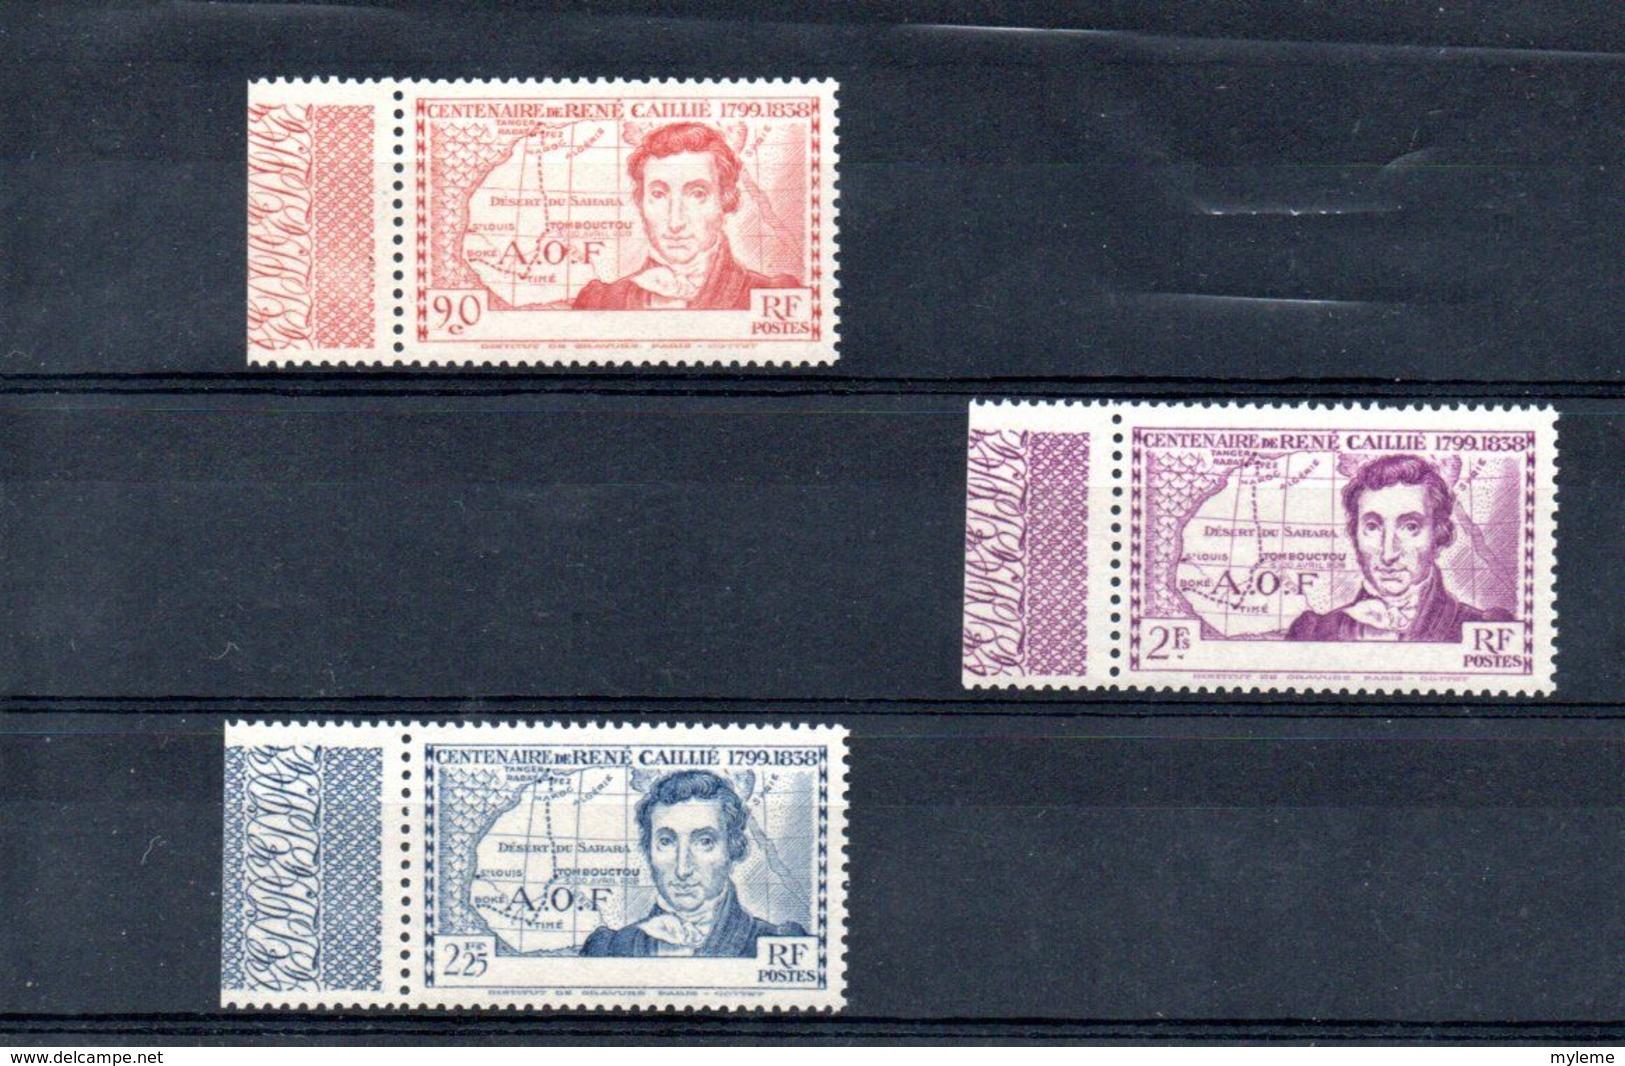 H103 Magnifique Variété De Côte D'Ivoire N° 141a  à 143a ** + Pochette 500 Timbres Des Anciennes Colonies - Collections (with Albums)